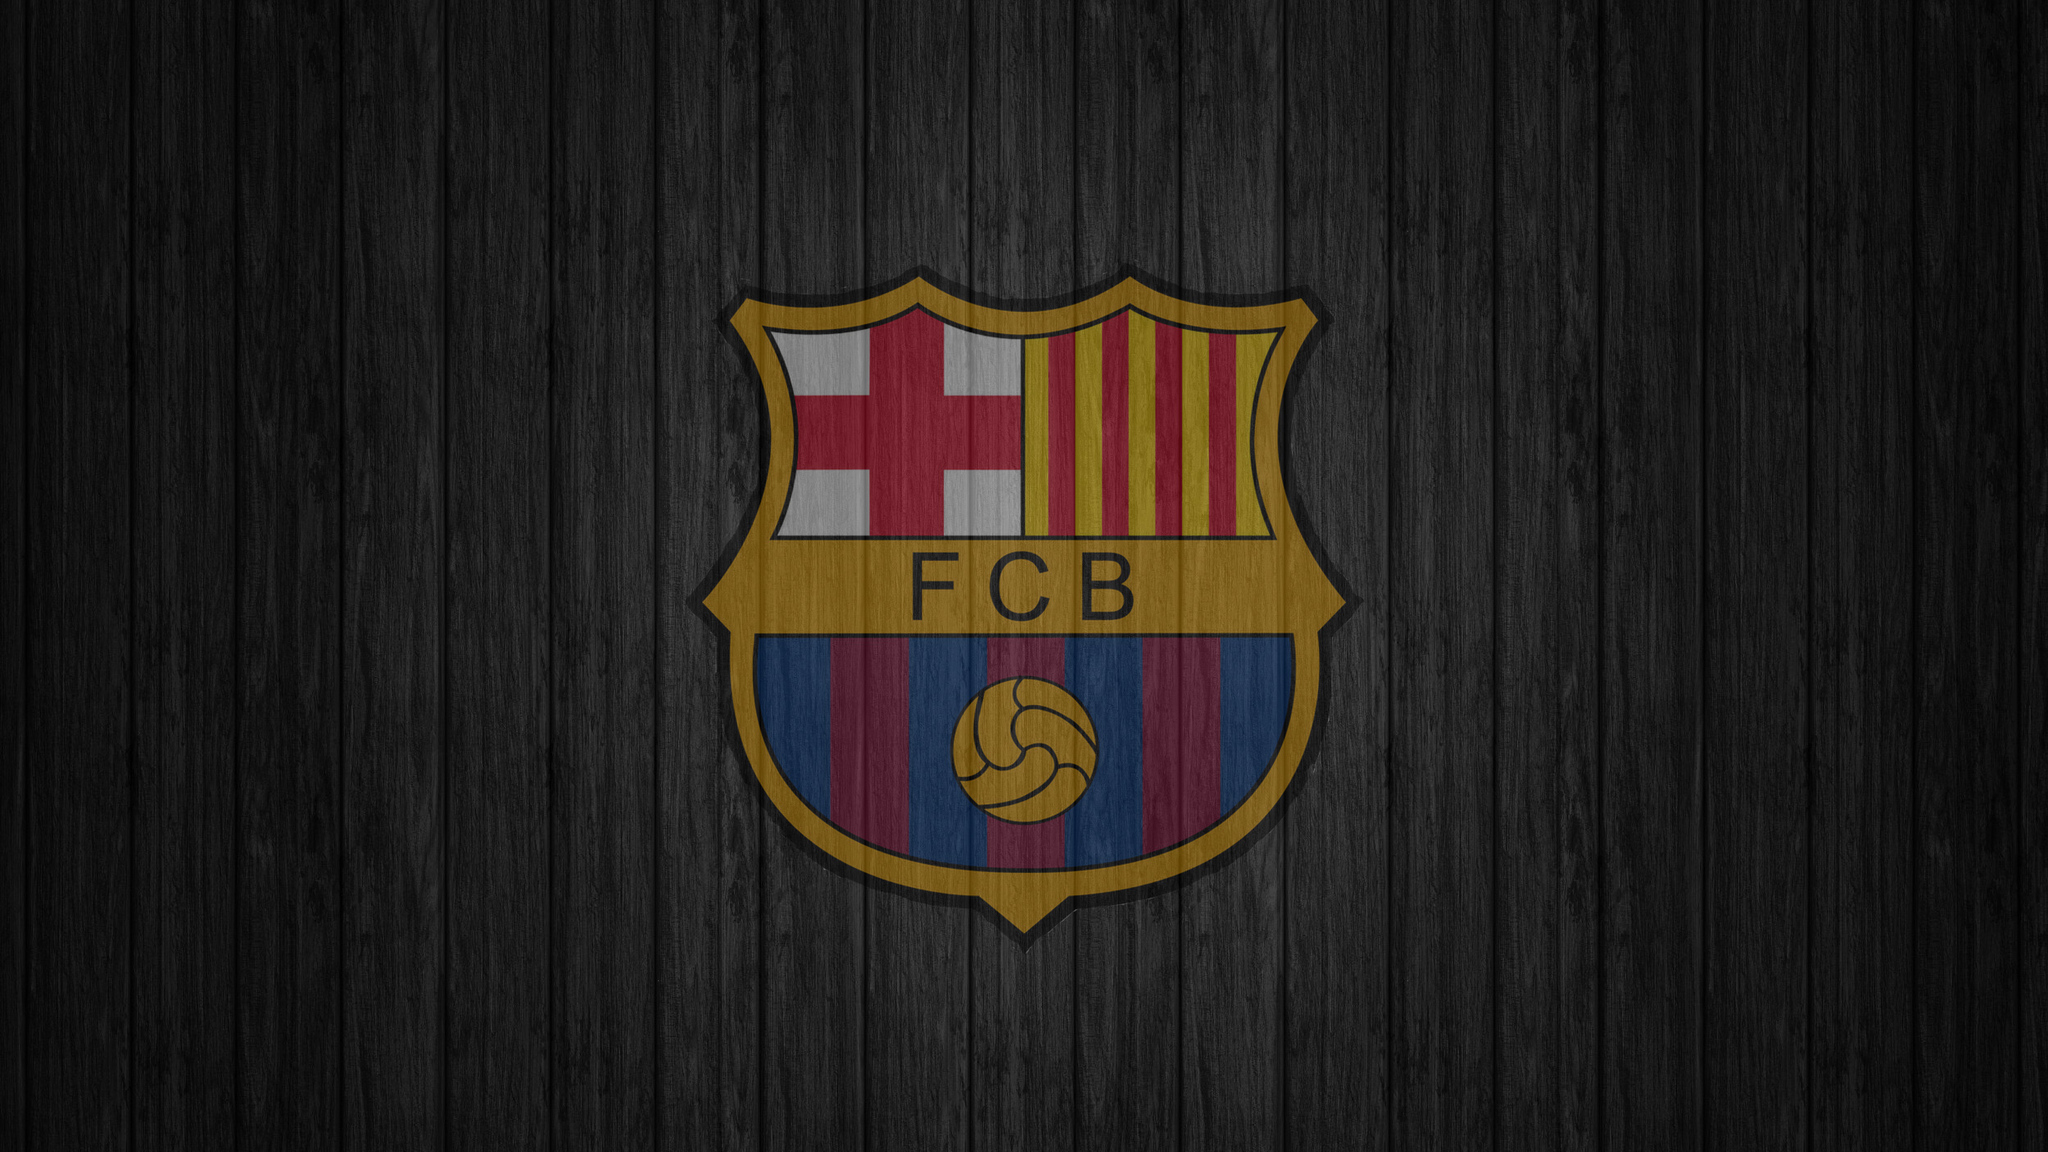 fcb-logo-2i.jpg